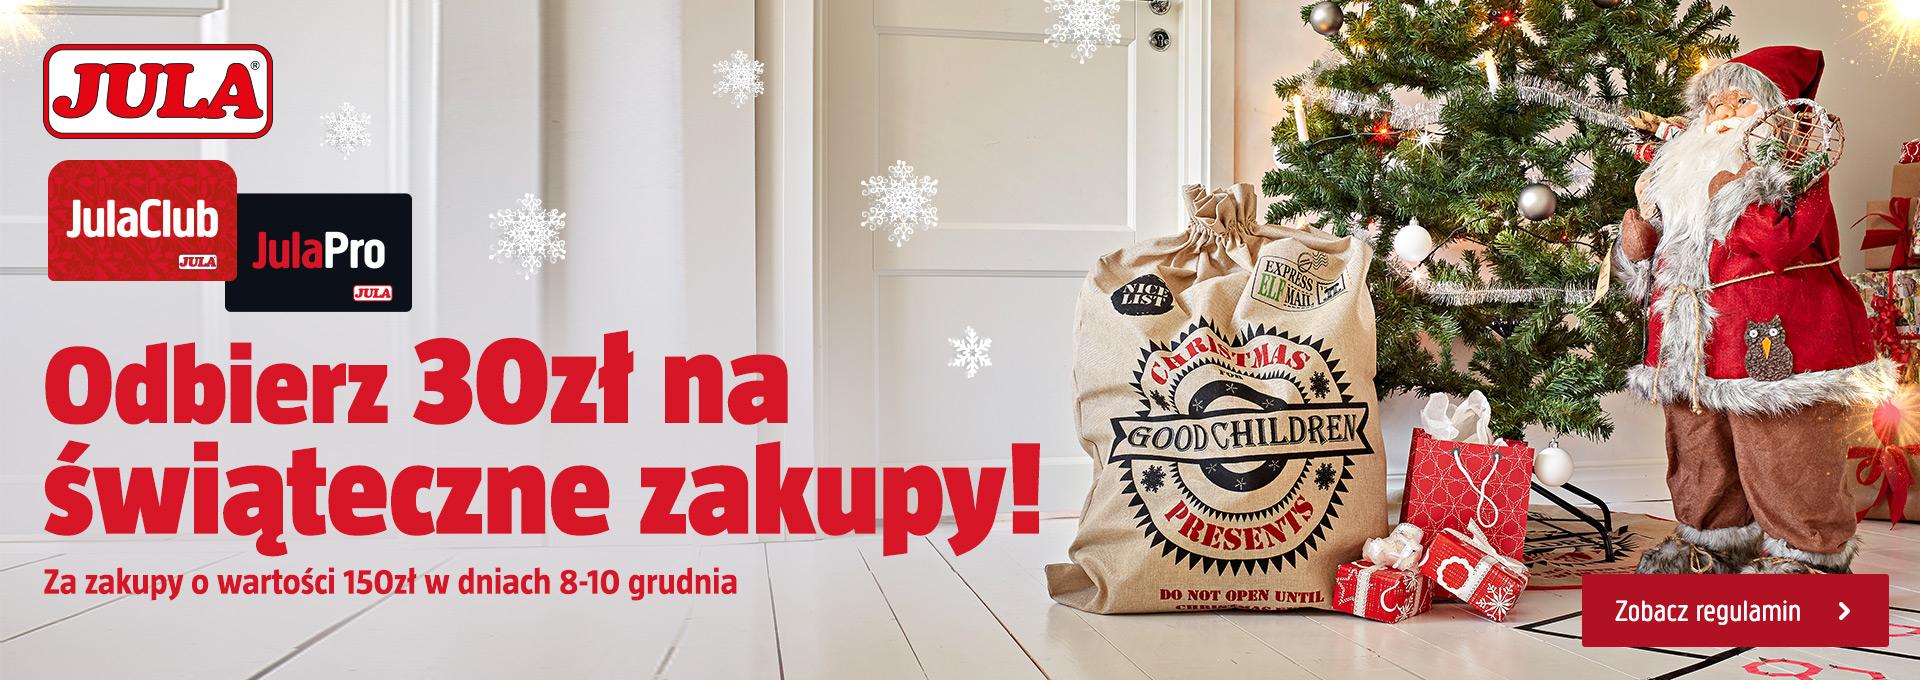 Jula Club - voucher 30 zł za wydane 150 zł